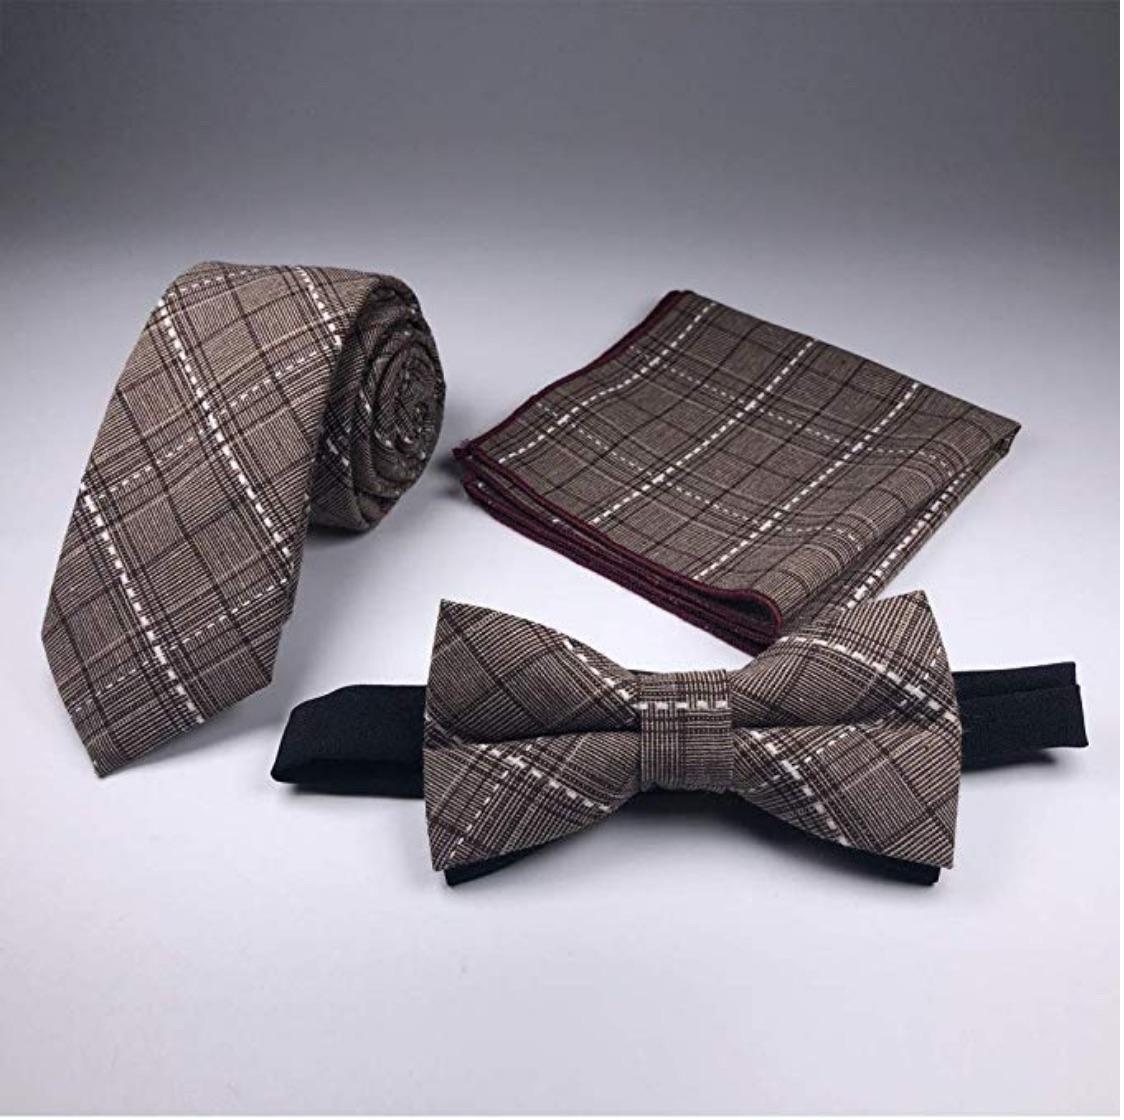 pañuelos de estilo inglés